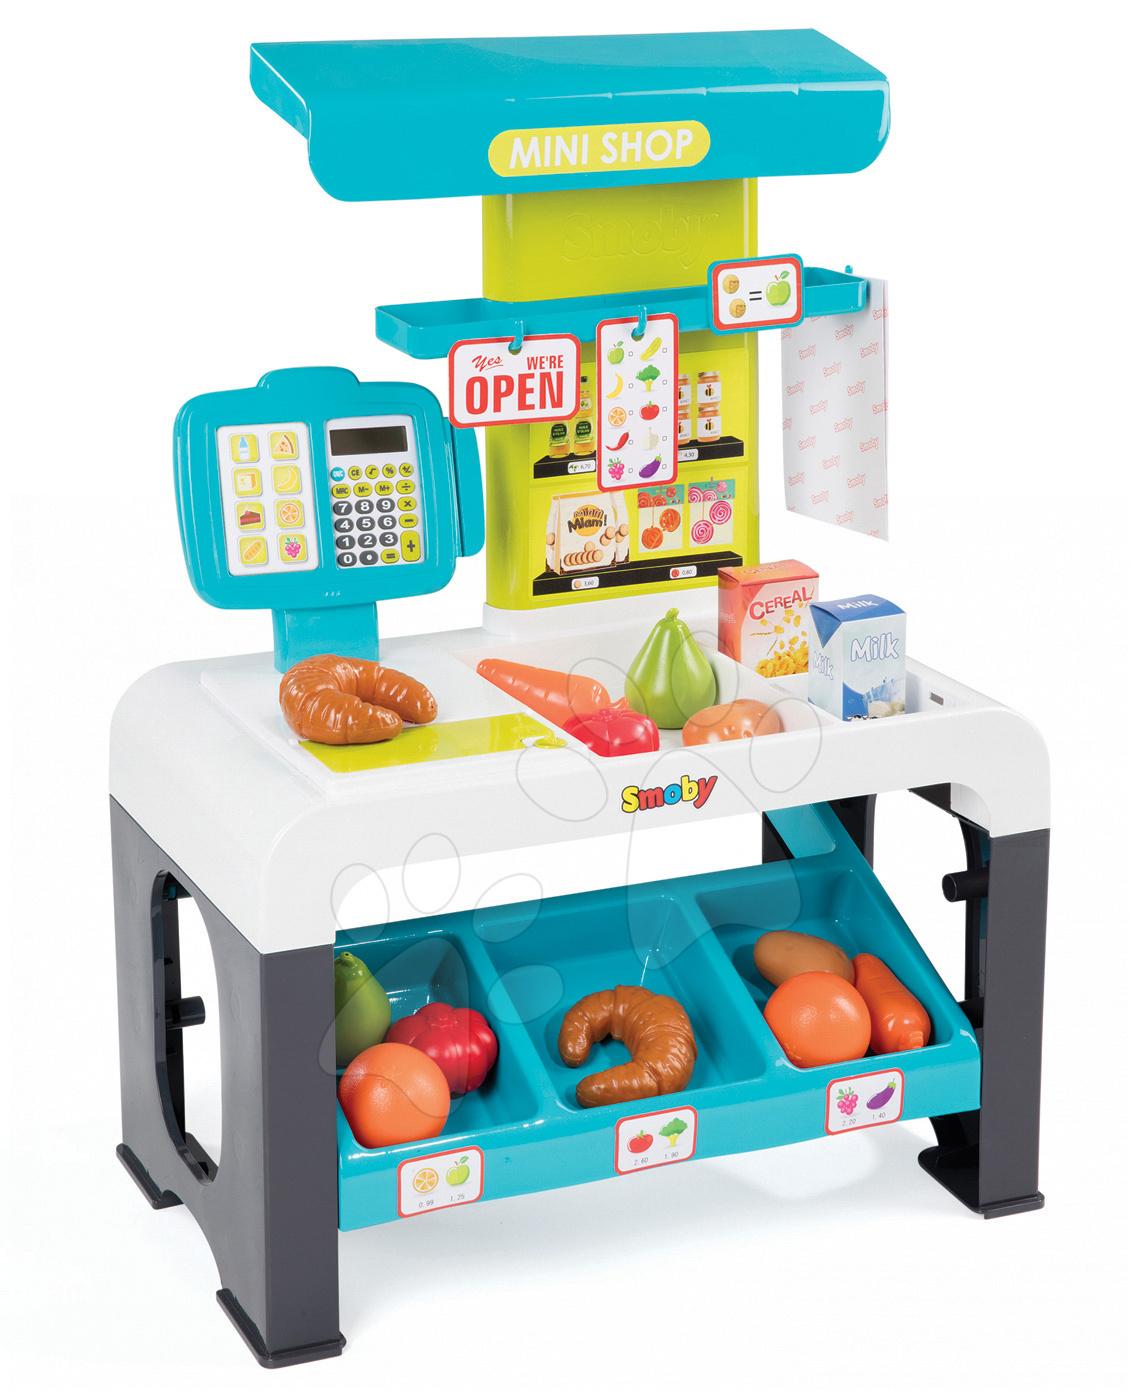 Obchod s potravinami Mini Shop Smoby elektronický s 42 doplňky tyrkysový 350208